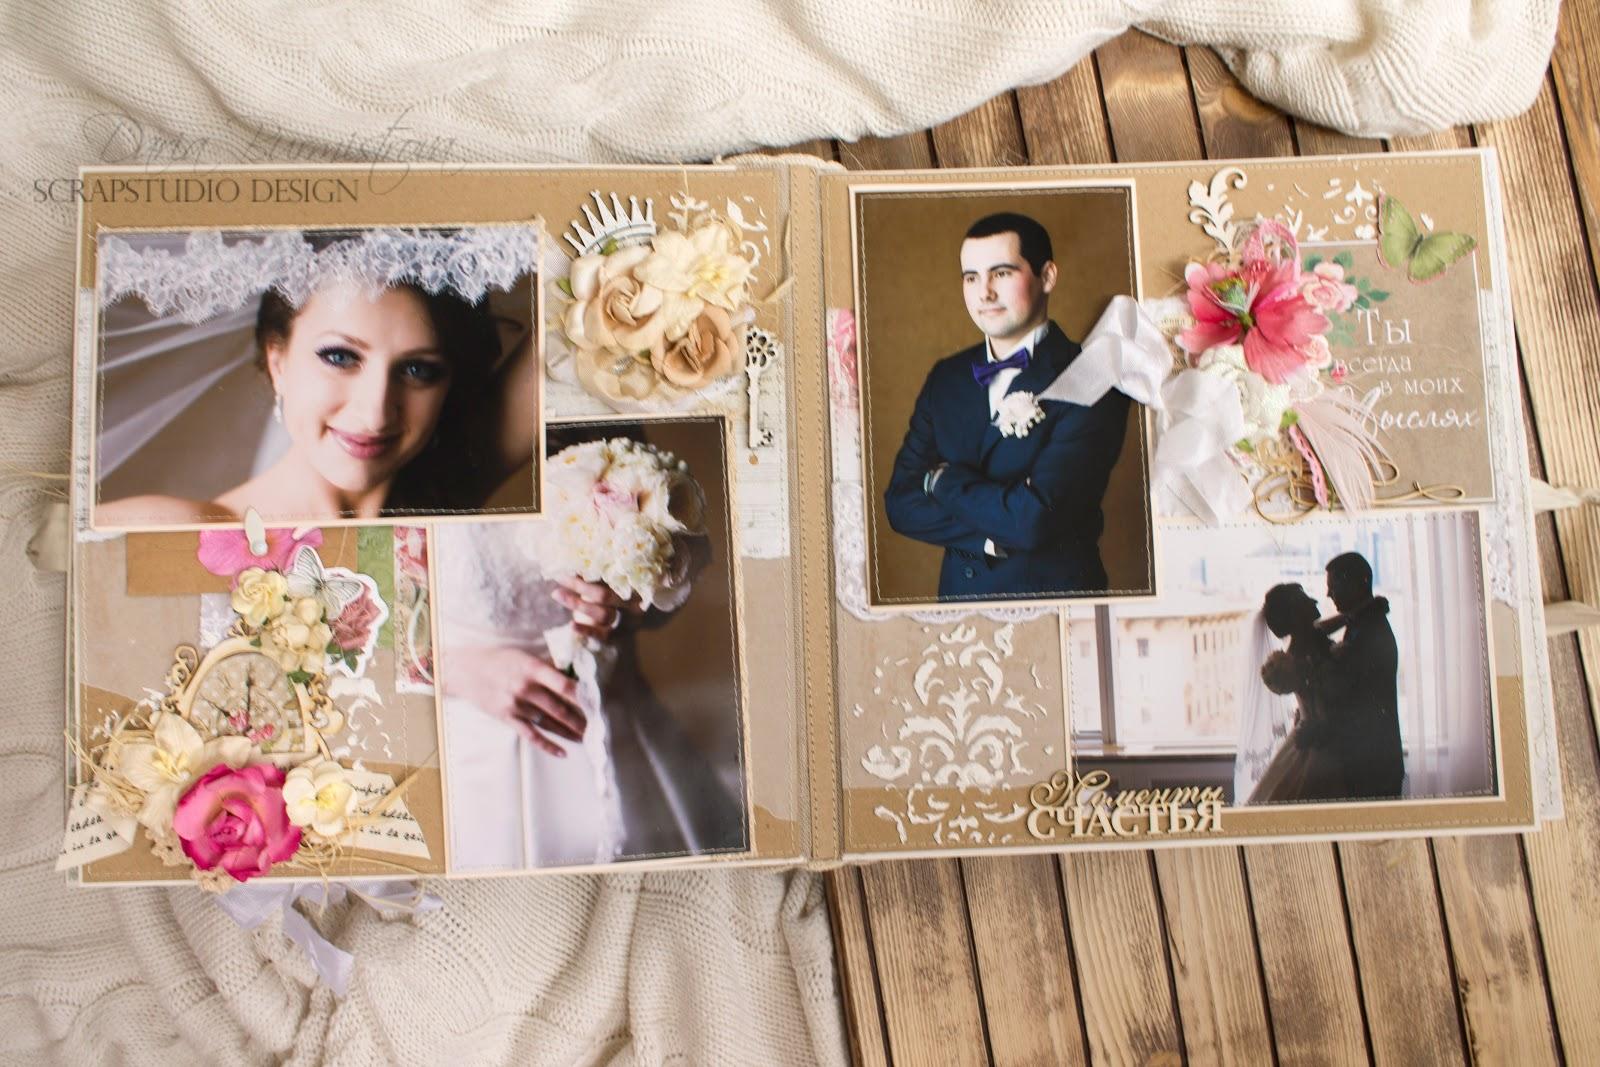 Фотоальбомы своими руками скрапбукинг на свадьбу 28